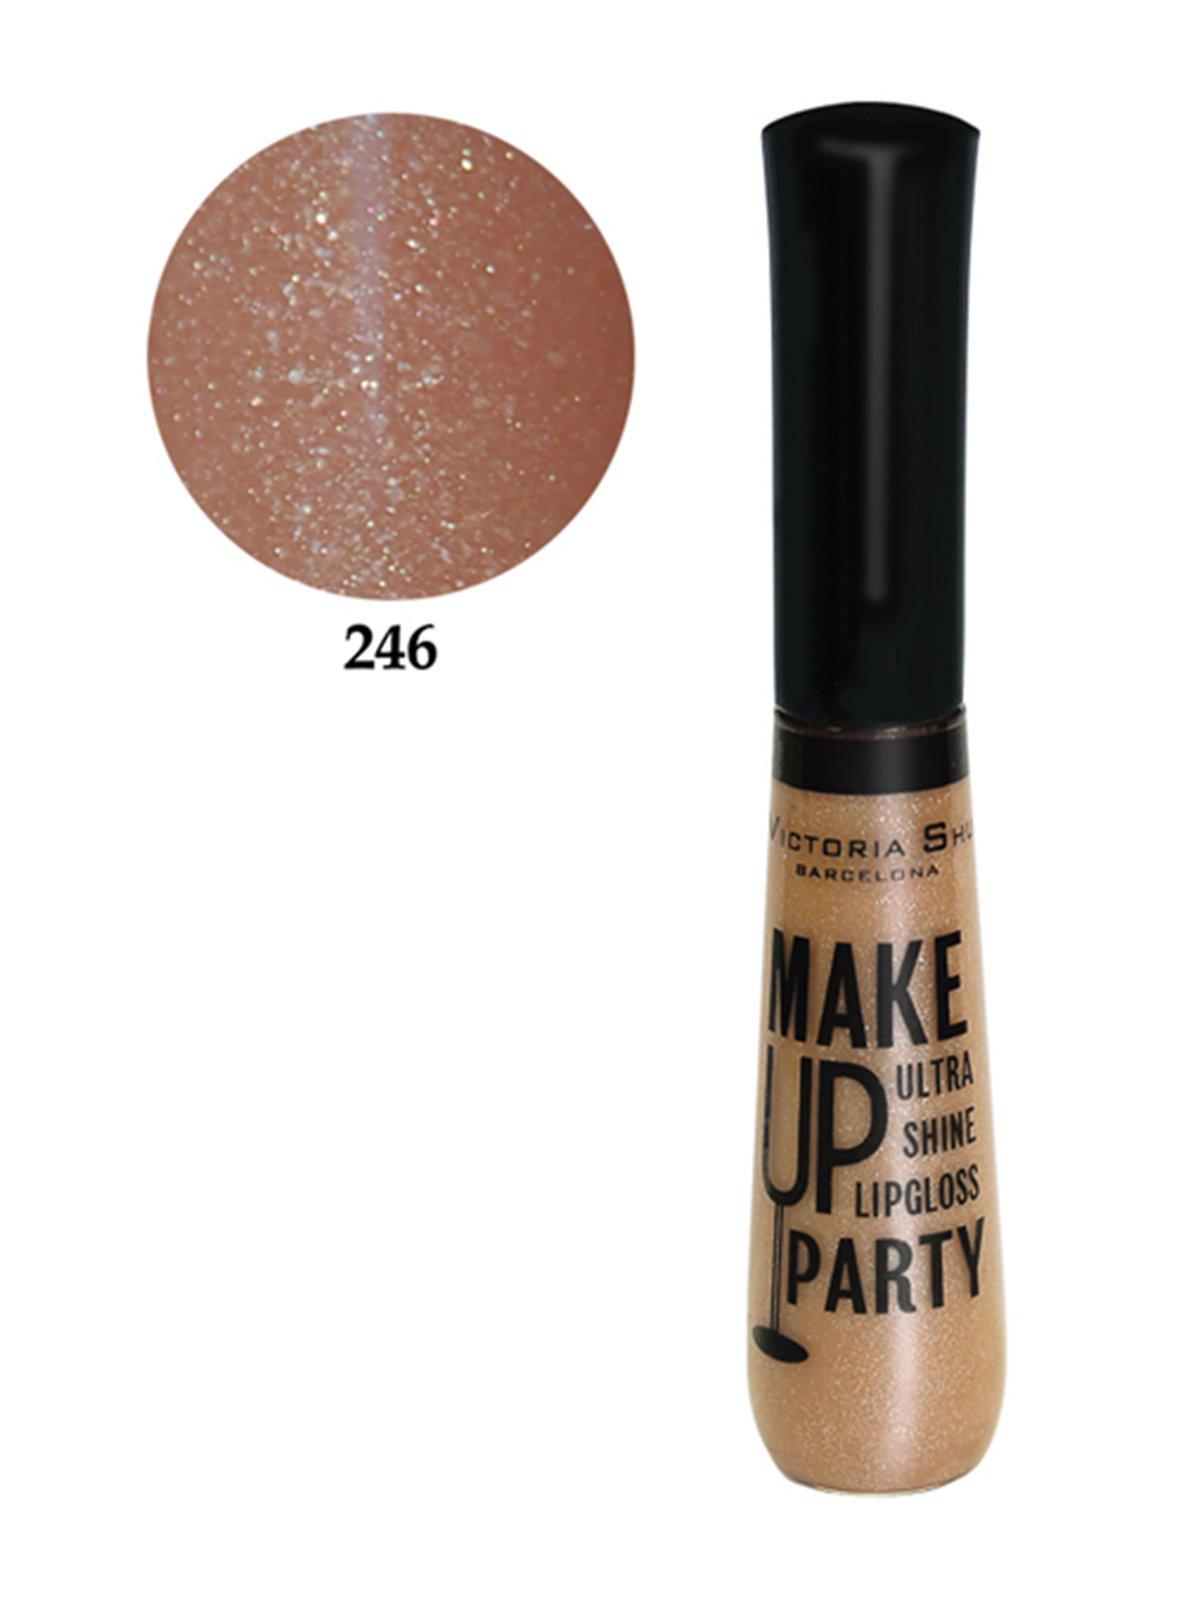 Блеск для губ Make Up Party - №246 (8 мл) | 2052988